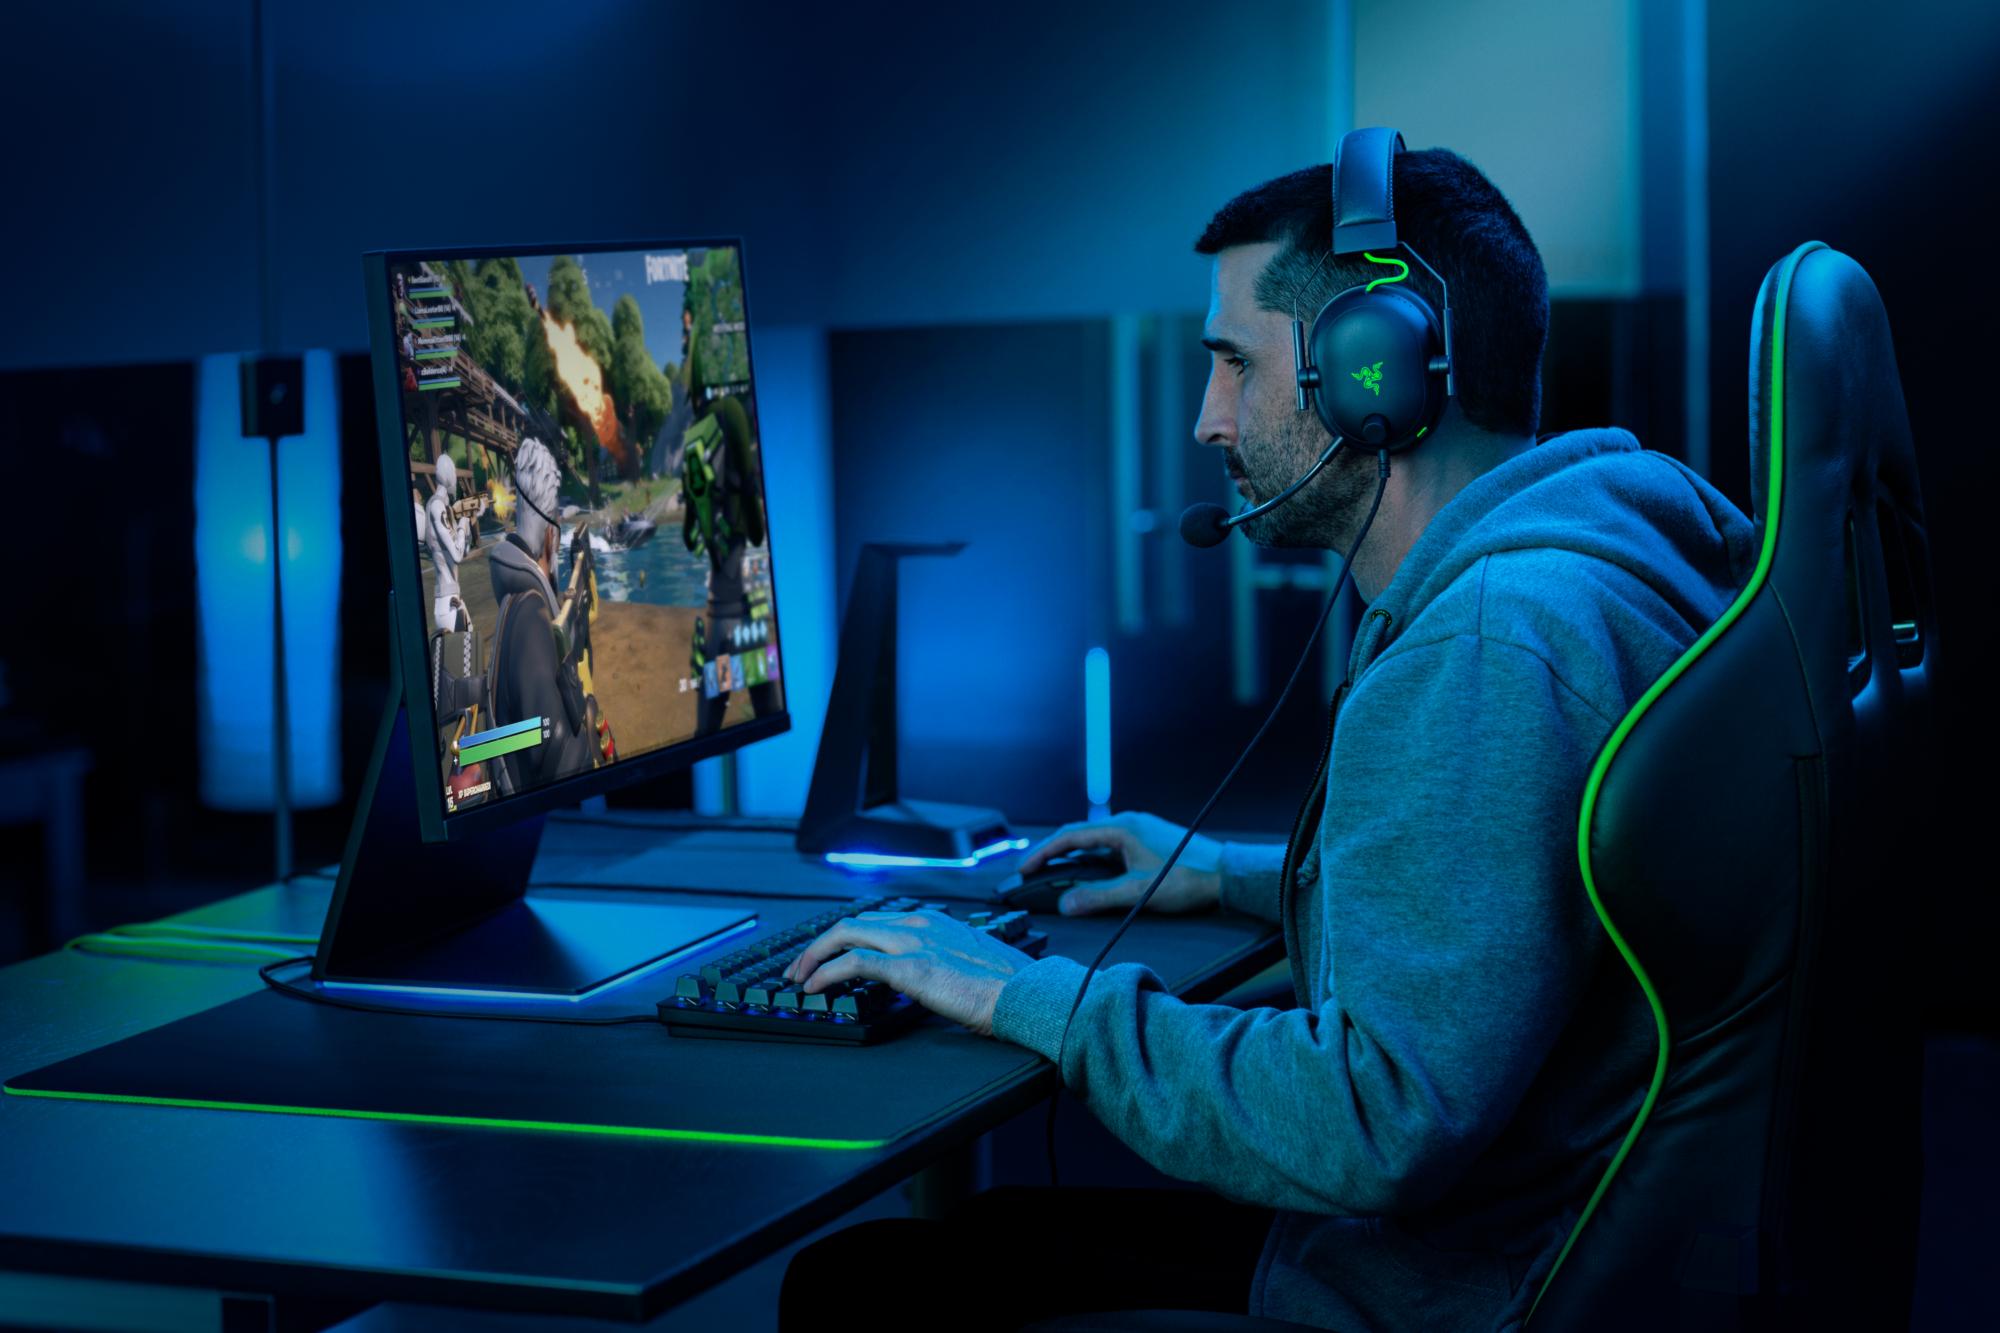 Razer Blackshark V2 New Headset For E Sports